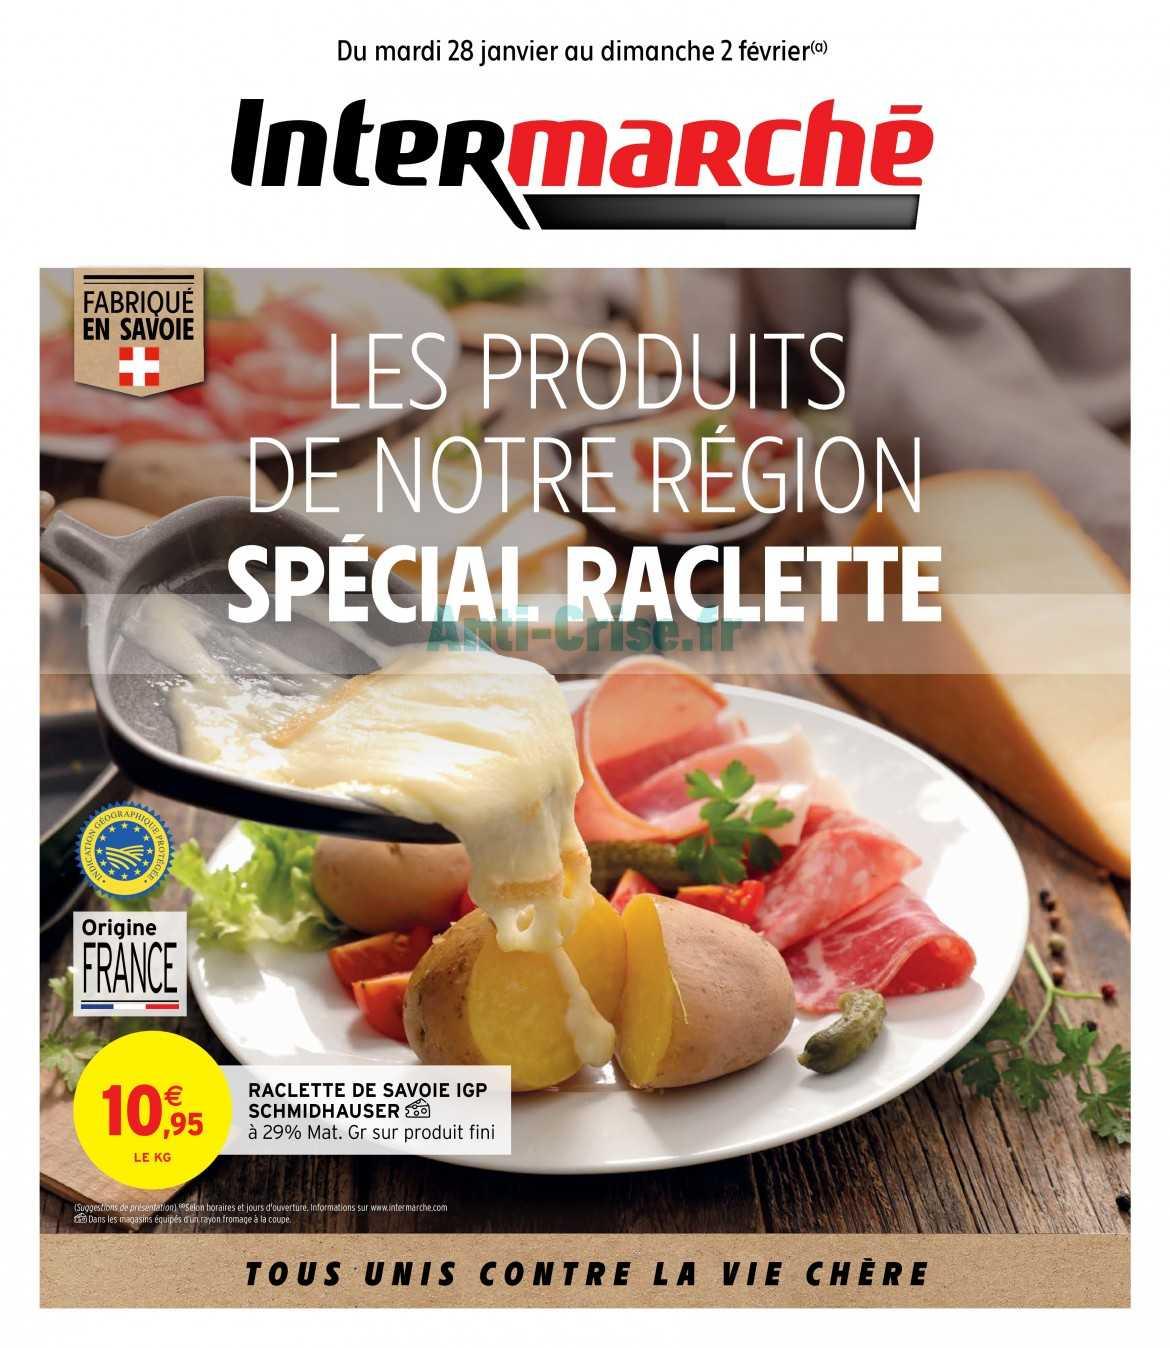 Catalogue Intermarche Du 28 Janvier Au 02 Fevrier 2020 Centre Est Catalogues Promos Bons Plans Economisez Anti Crise Fr